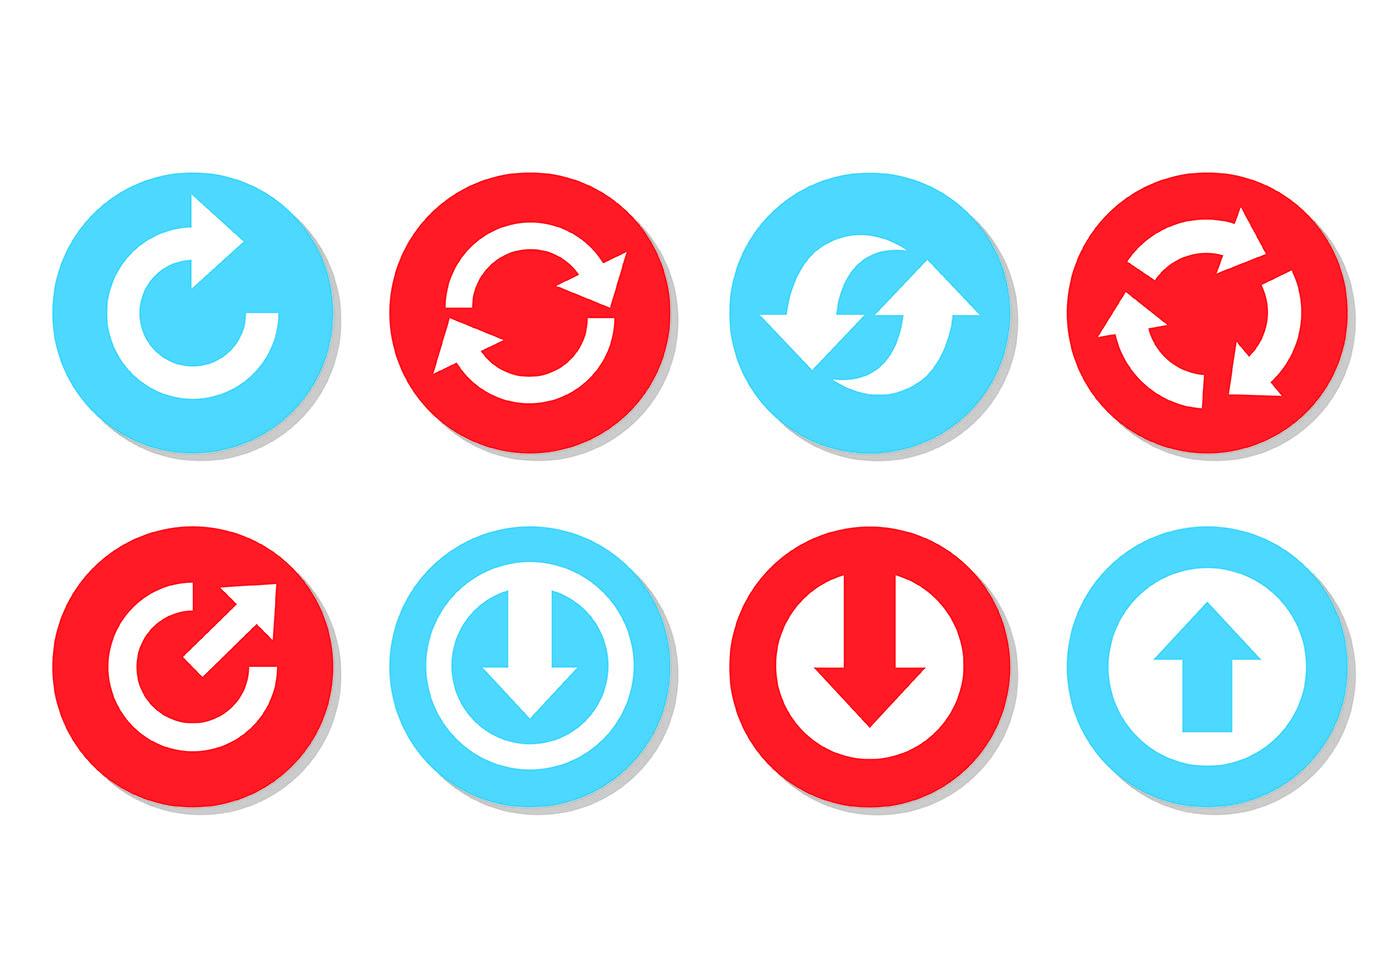 箭頭 icon 免費下載 | 天天瘋後製